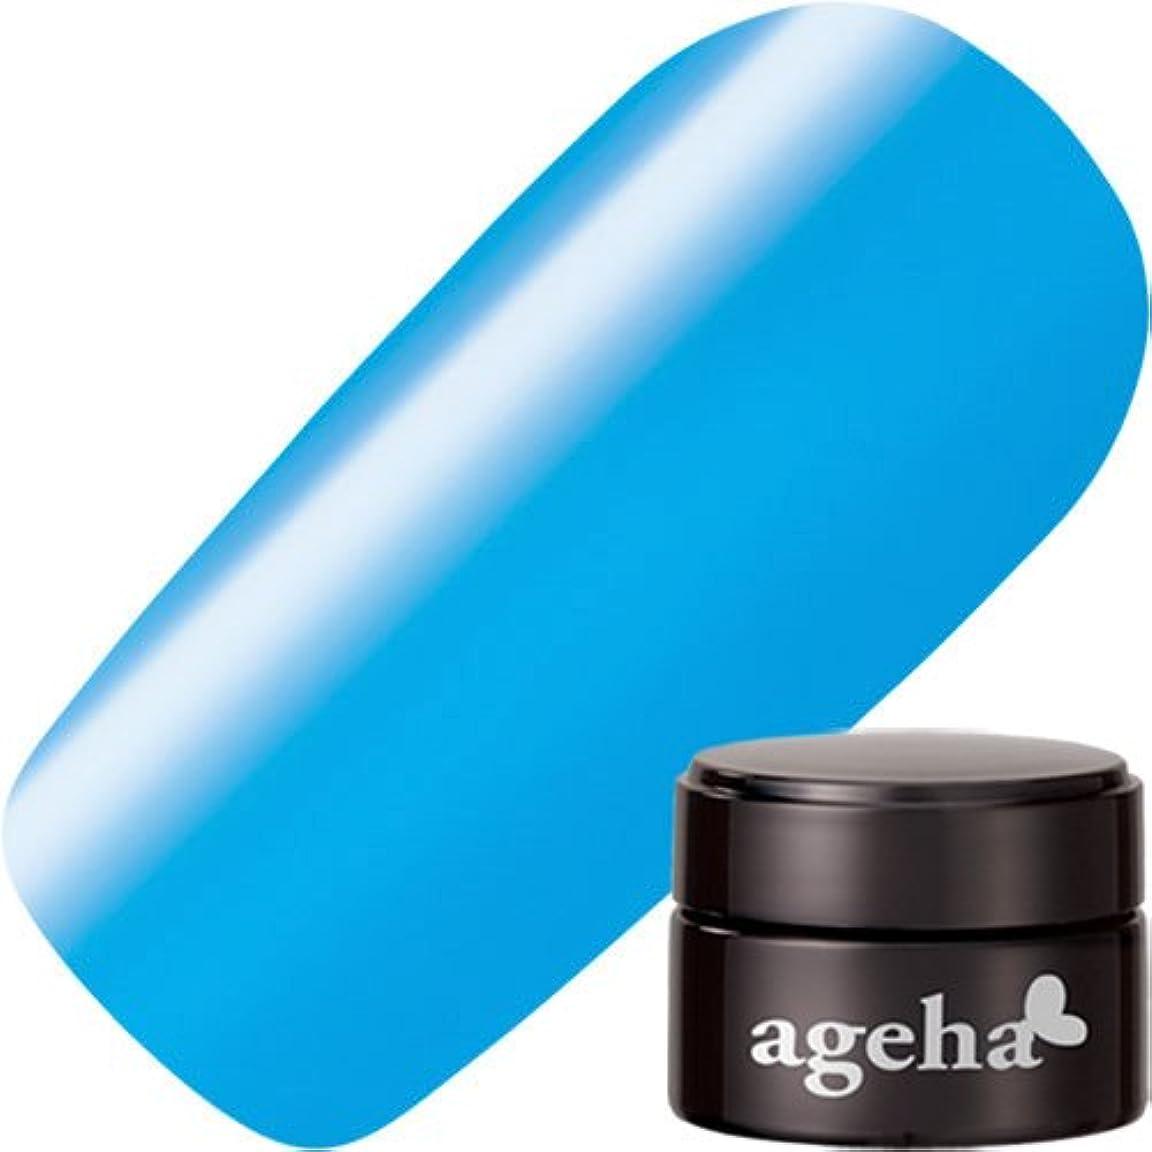 応援する可動式内側ageha(アゲハ) コスメカラー 500 ブルーシロップ 2.7g